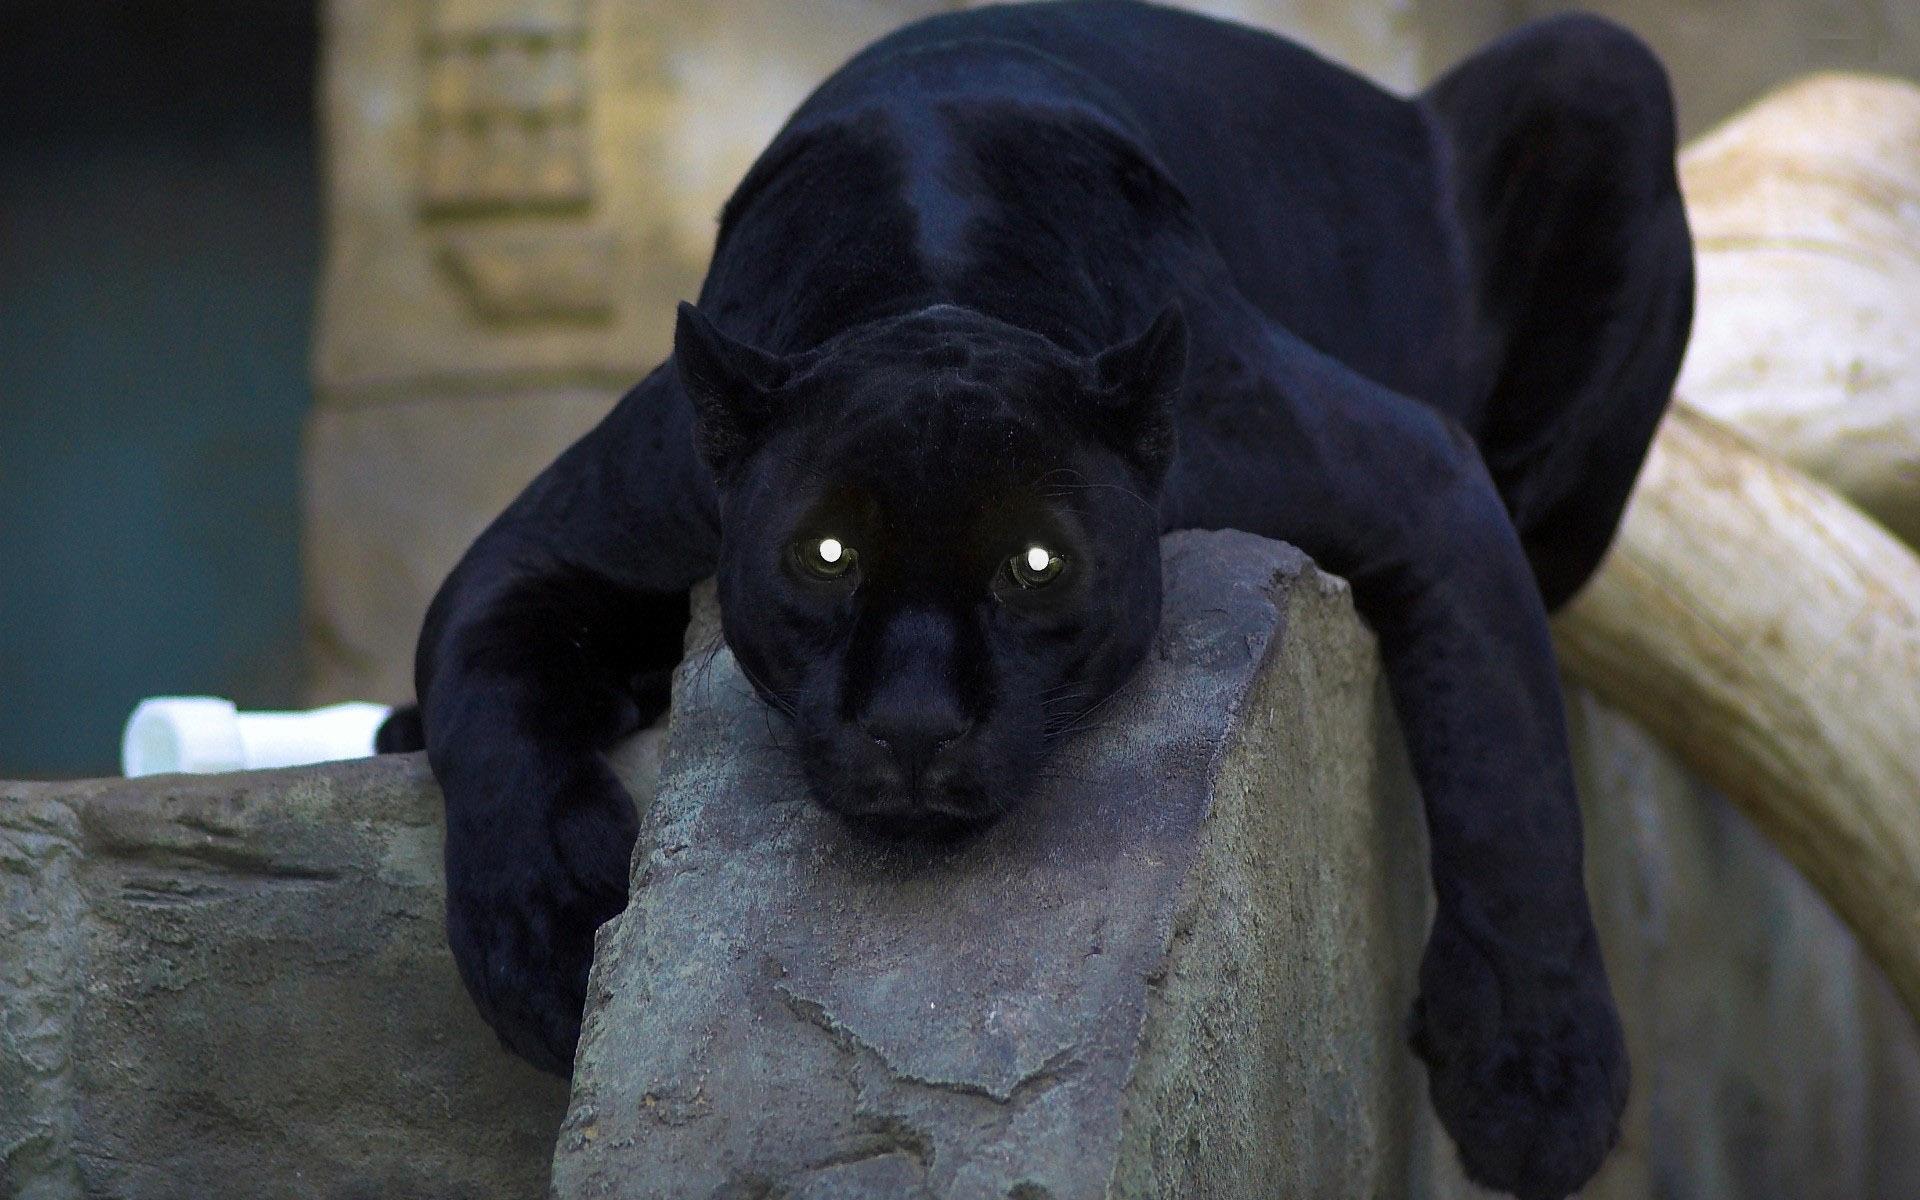 Black panther animal eyes